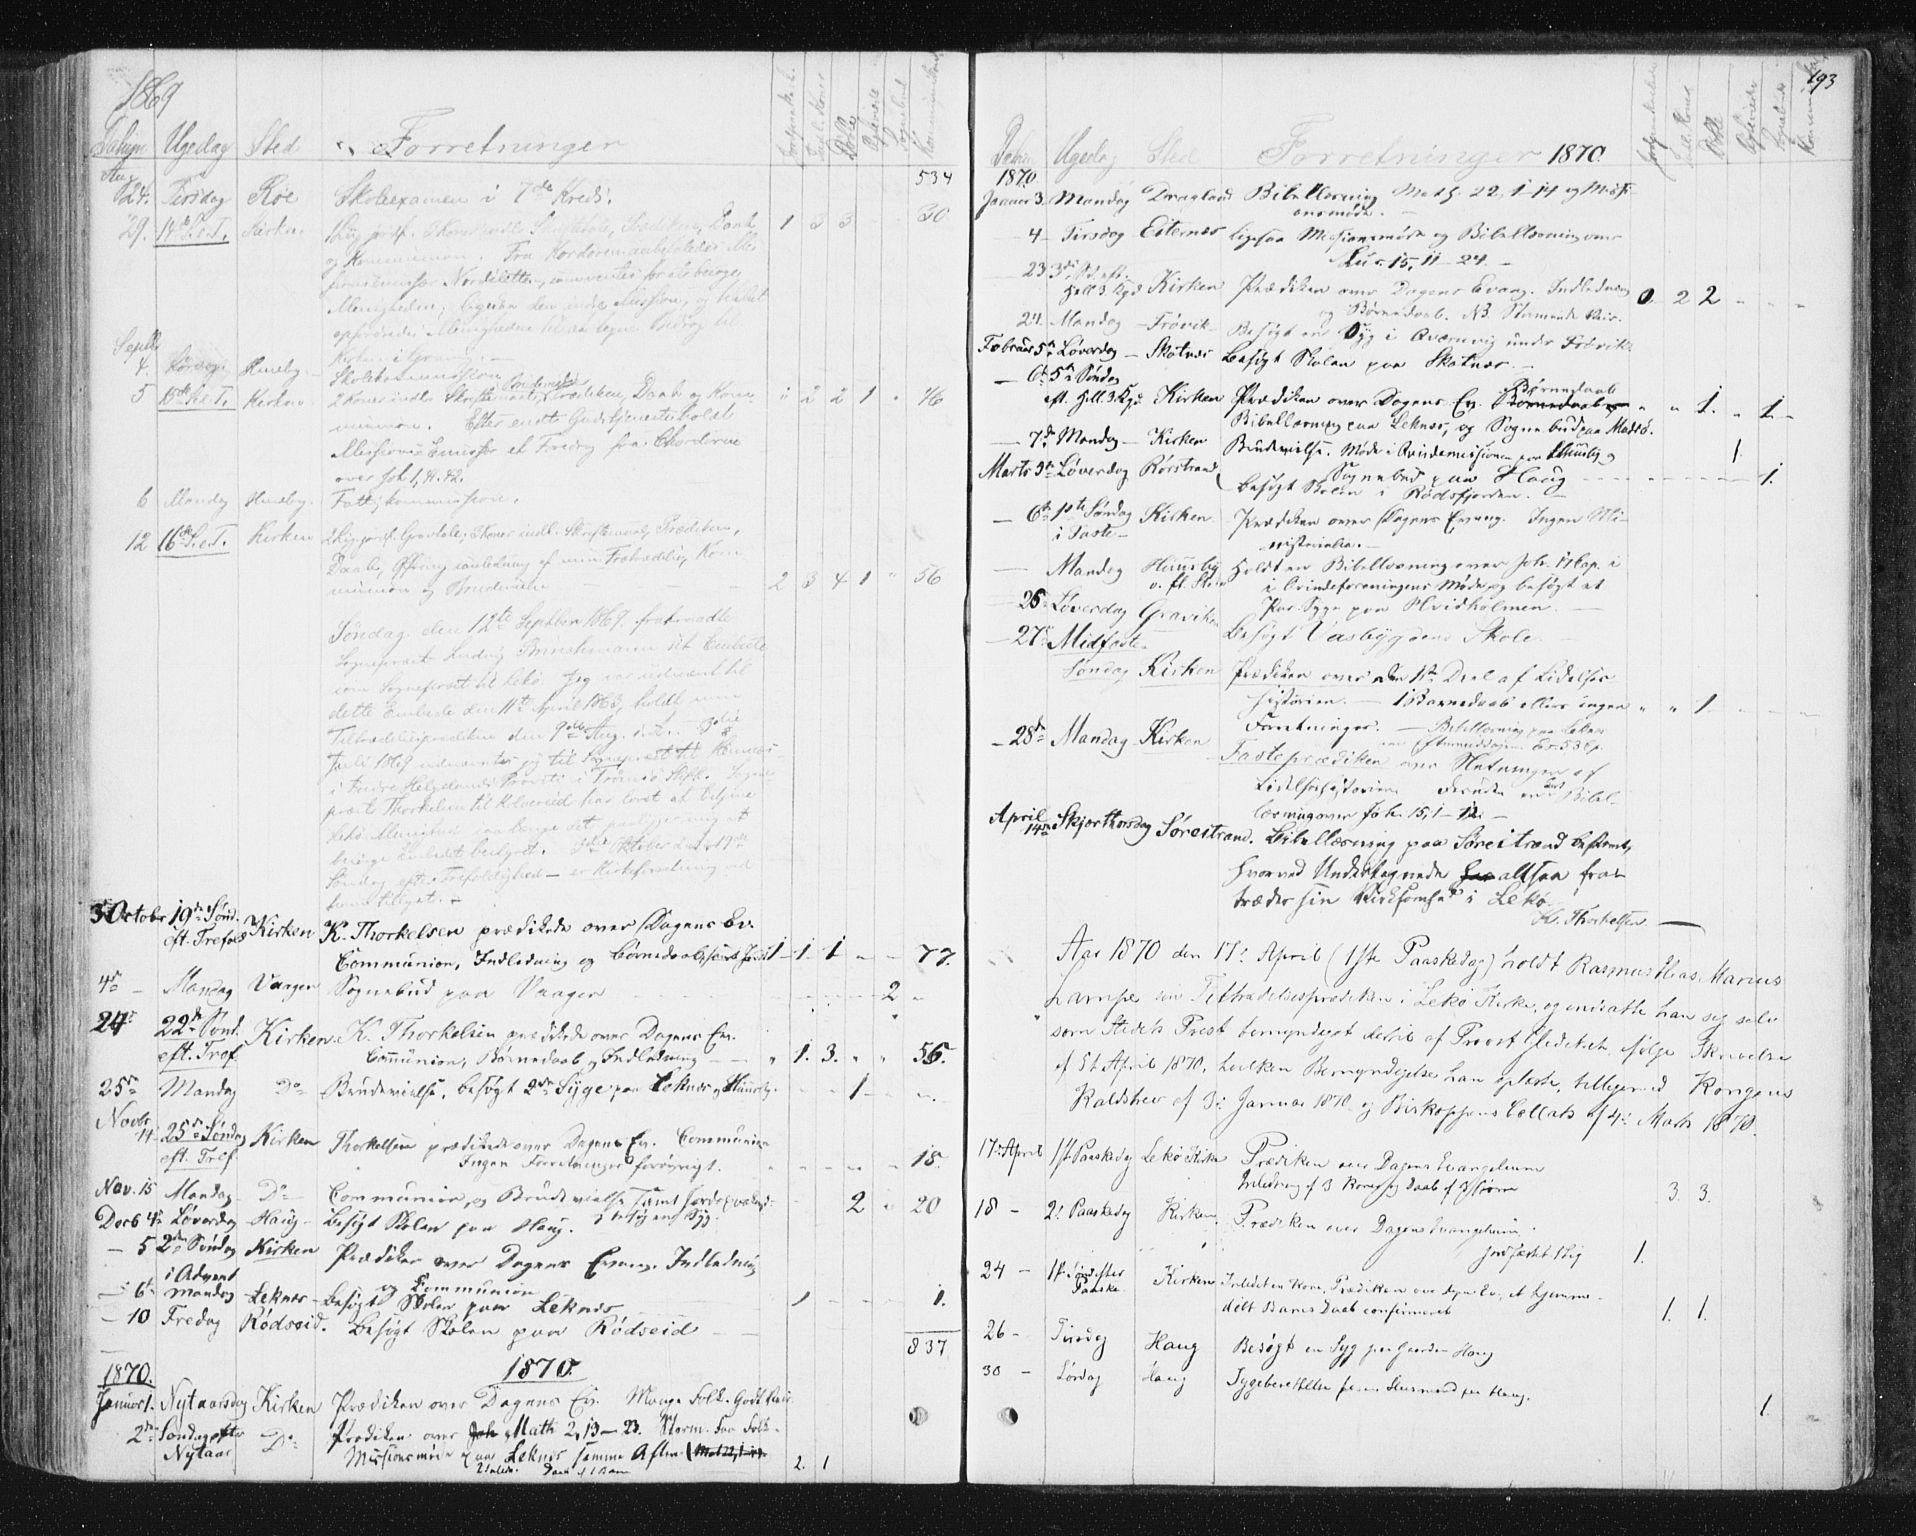 SAT, Ministerialprotokoller, klokkerbøker og fødselsregistre - Nord-Trøndelag, 788/L0696: Ministerialbok nr. 788A03, 1863-1877, s. 193